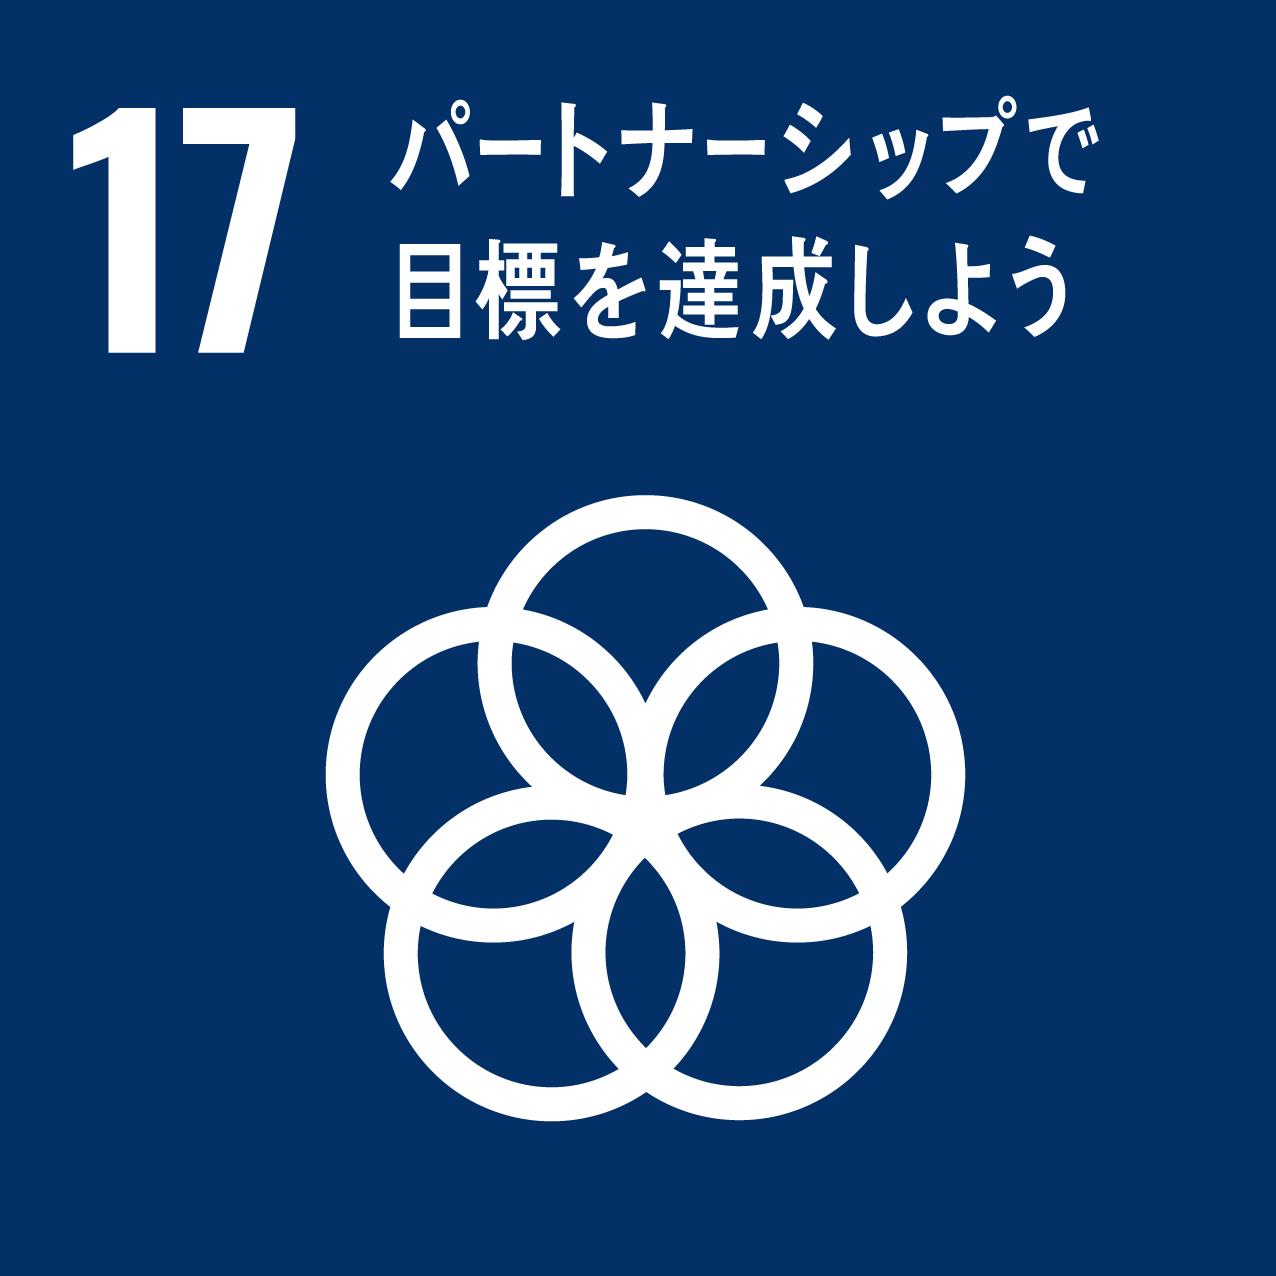 SDG's icon No17